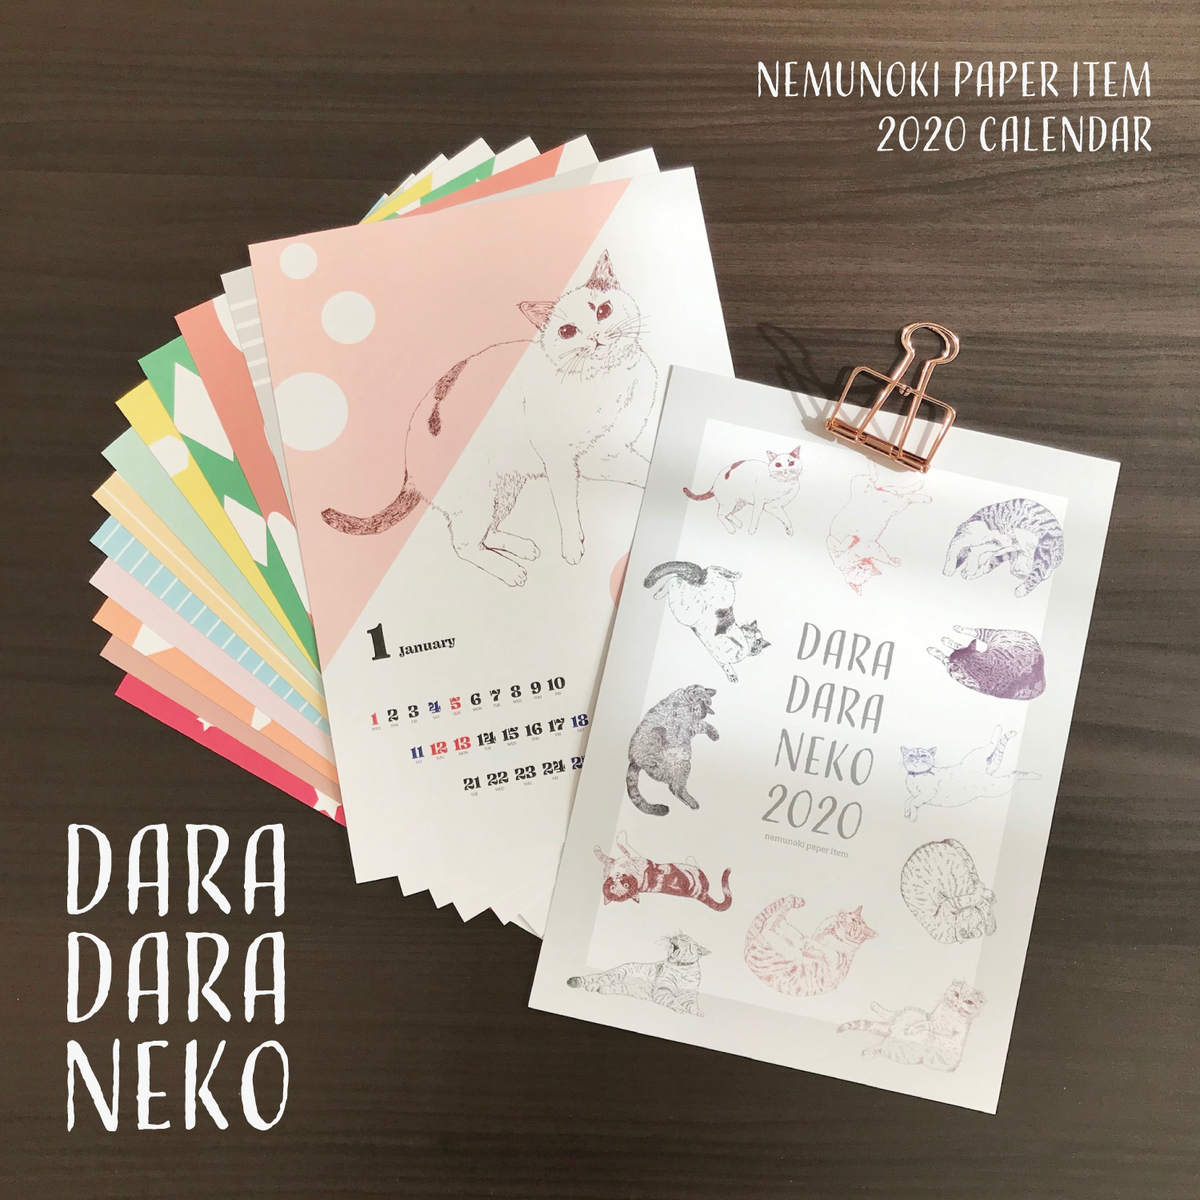 f:id:nemunoki-letter:20191031000739j:plain